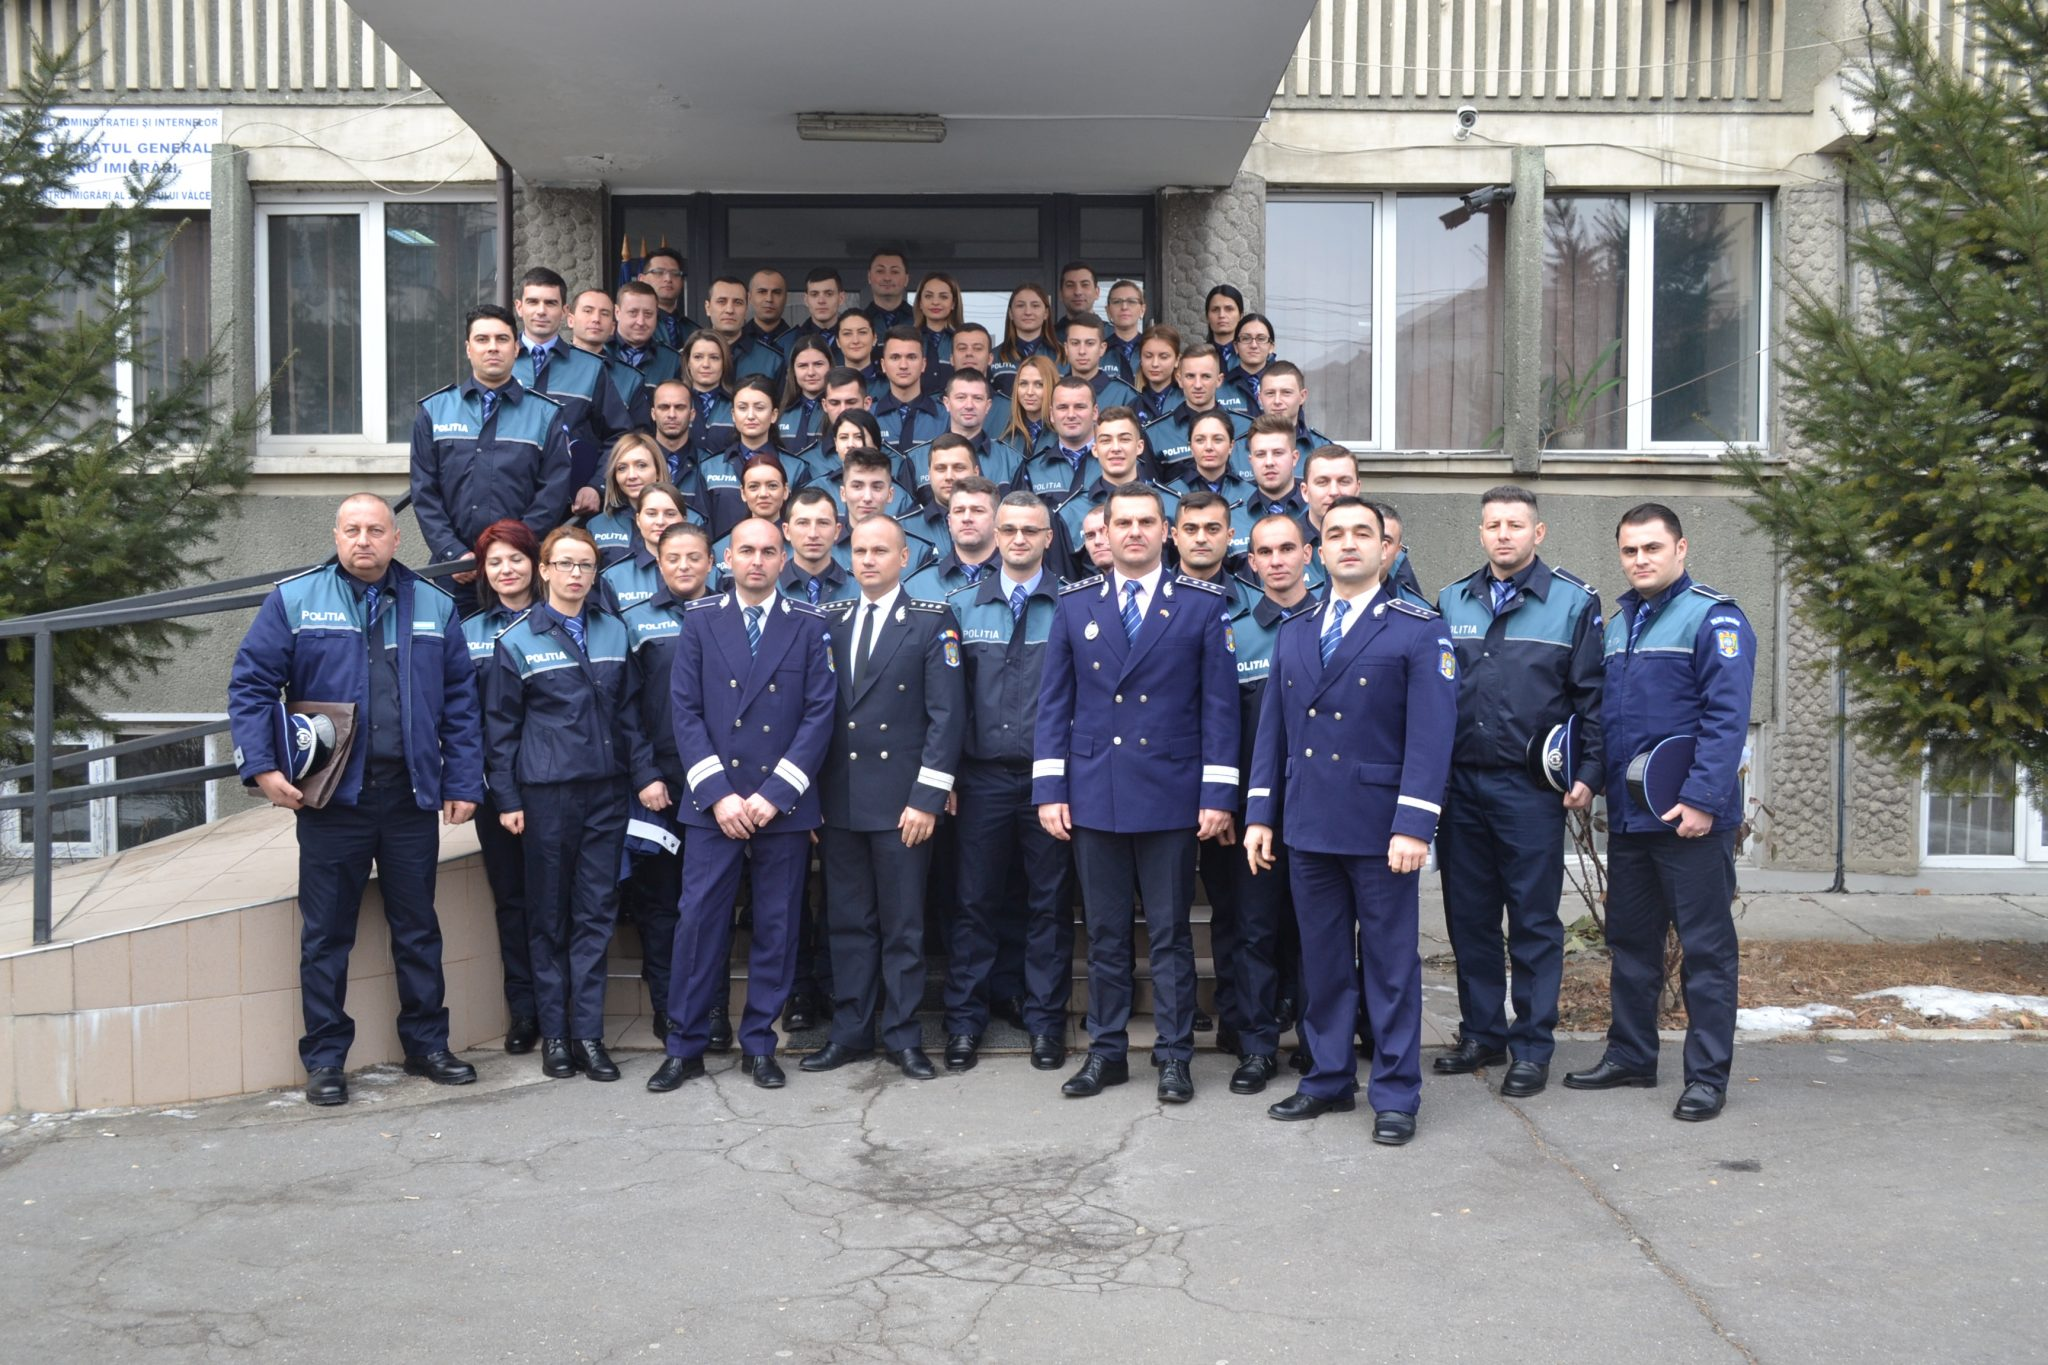 54 de poliţişti au depus jurământul la IPJ Vâlcea